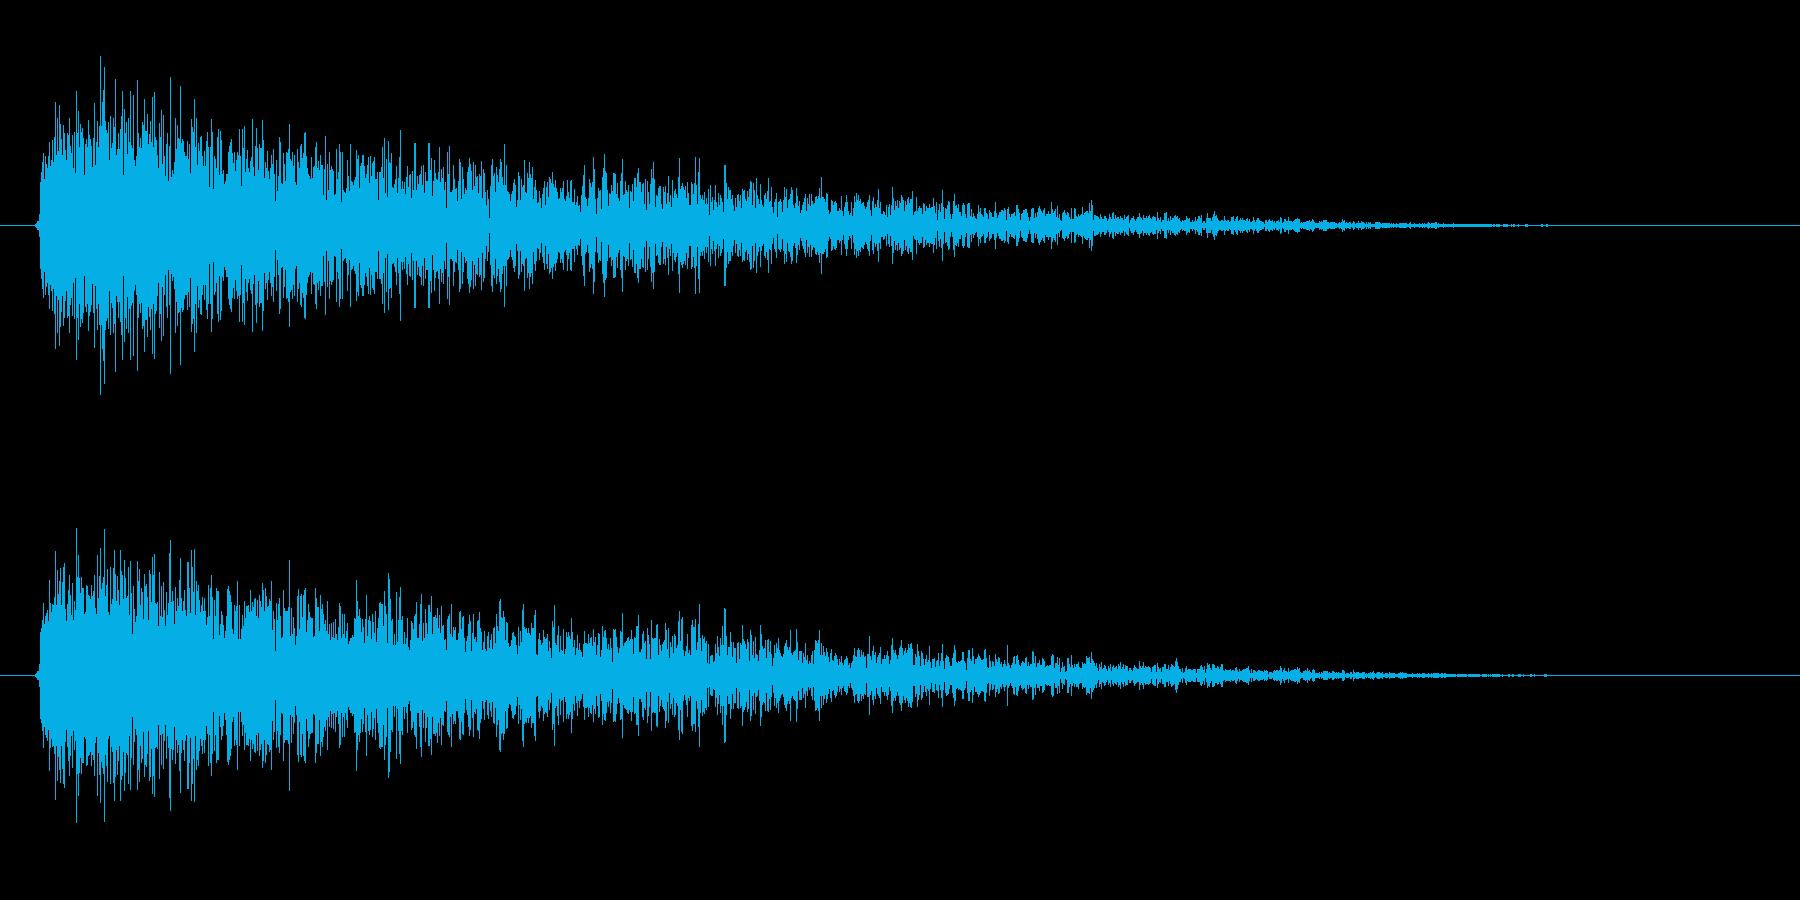 【雷 合成01-2】の再生済みの波形